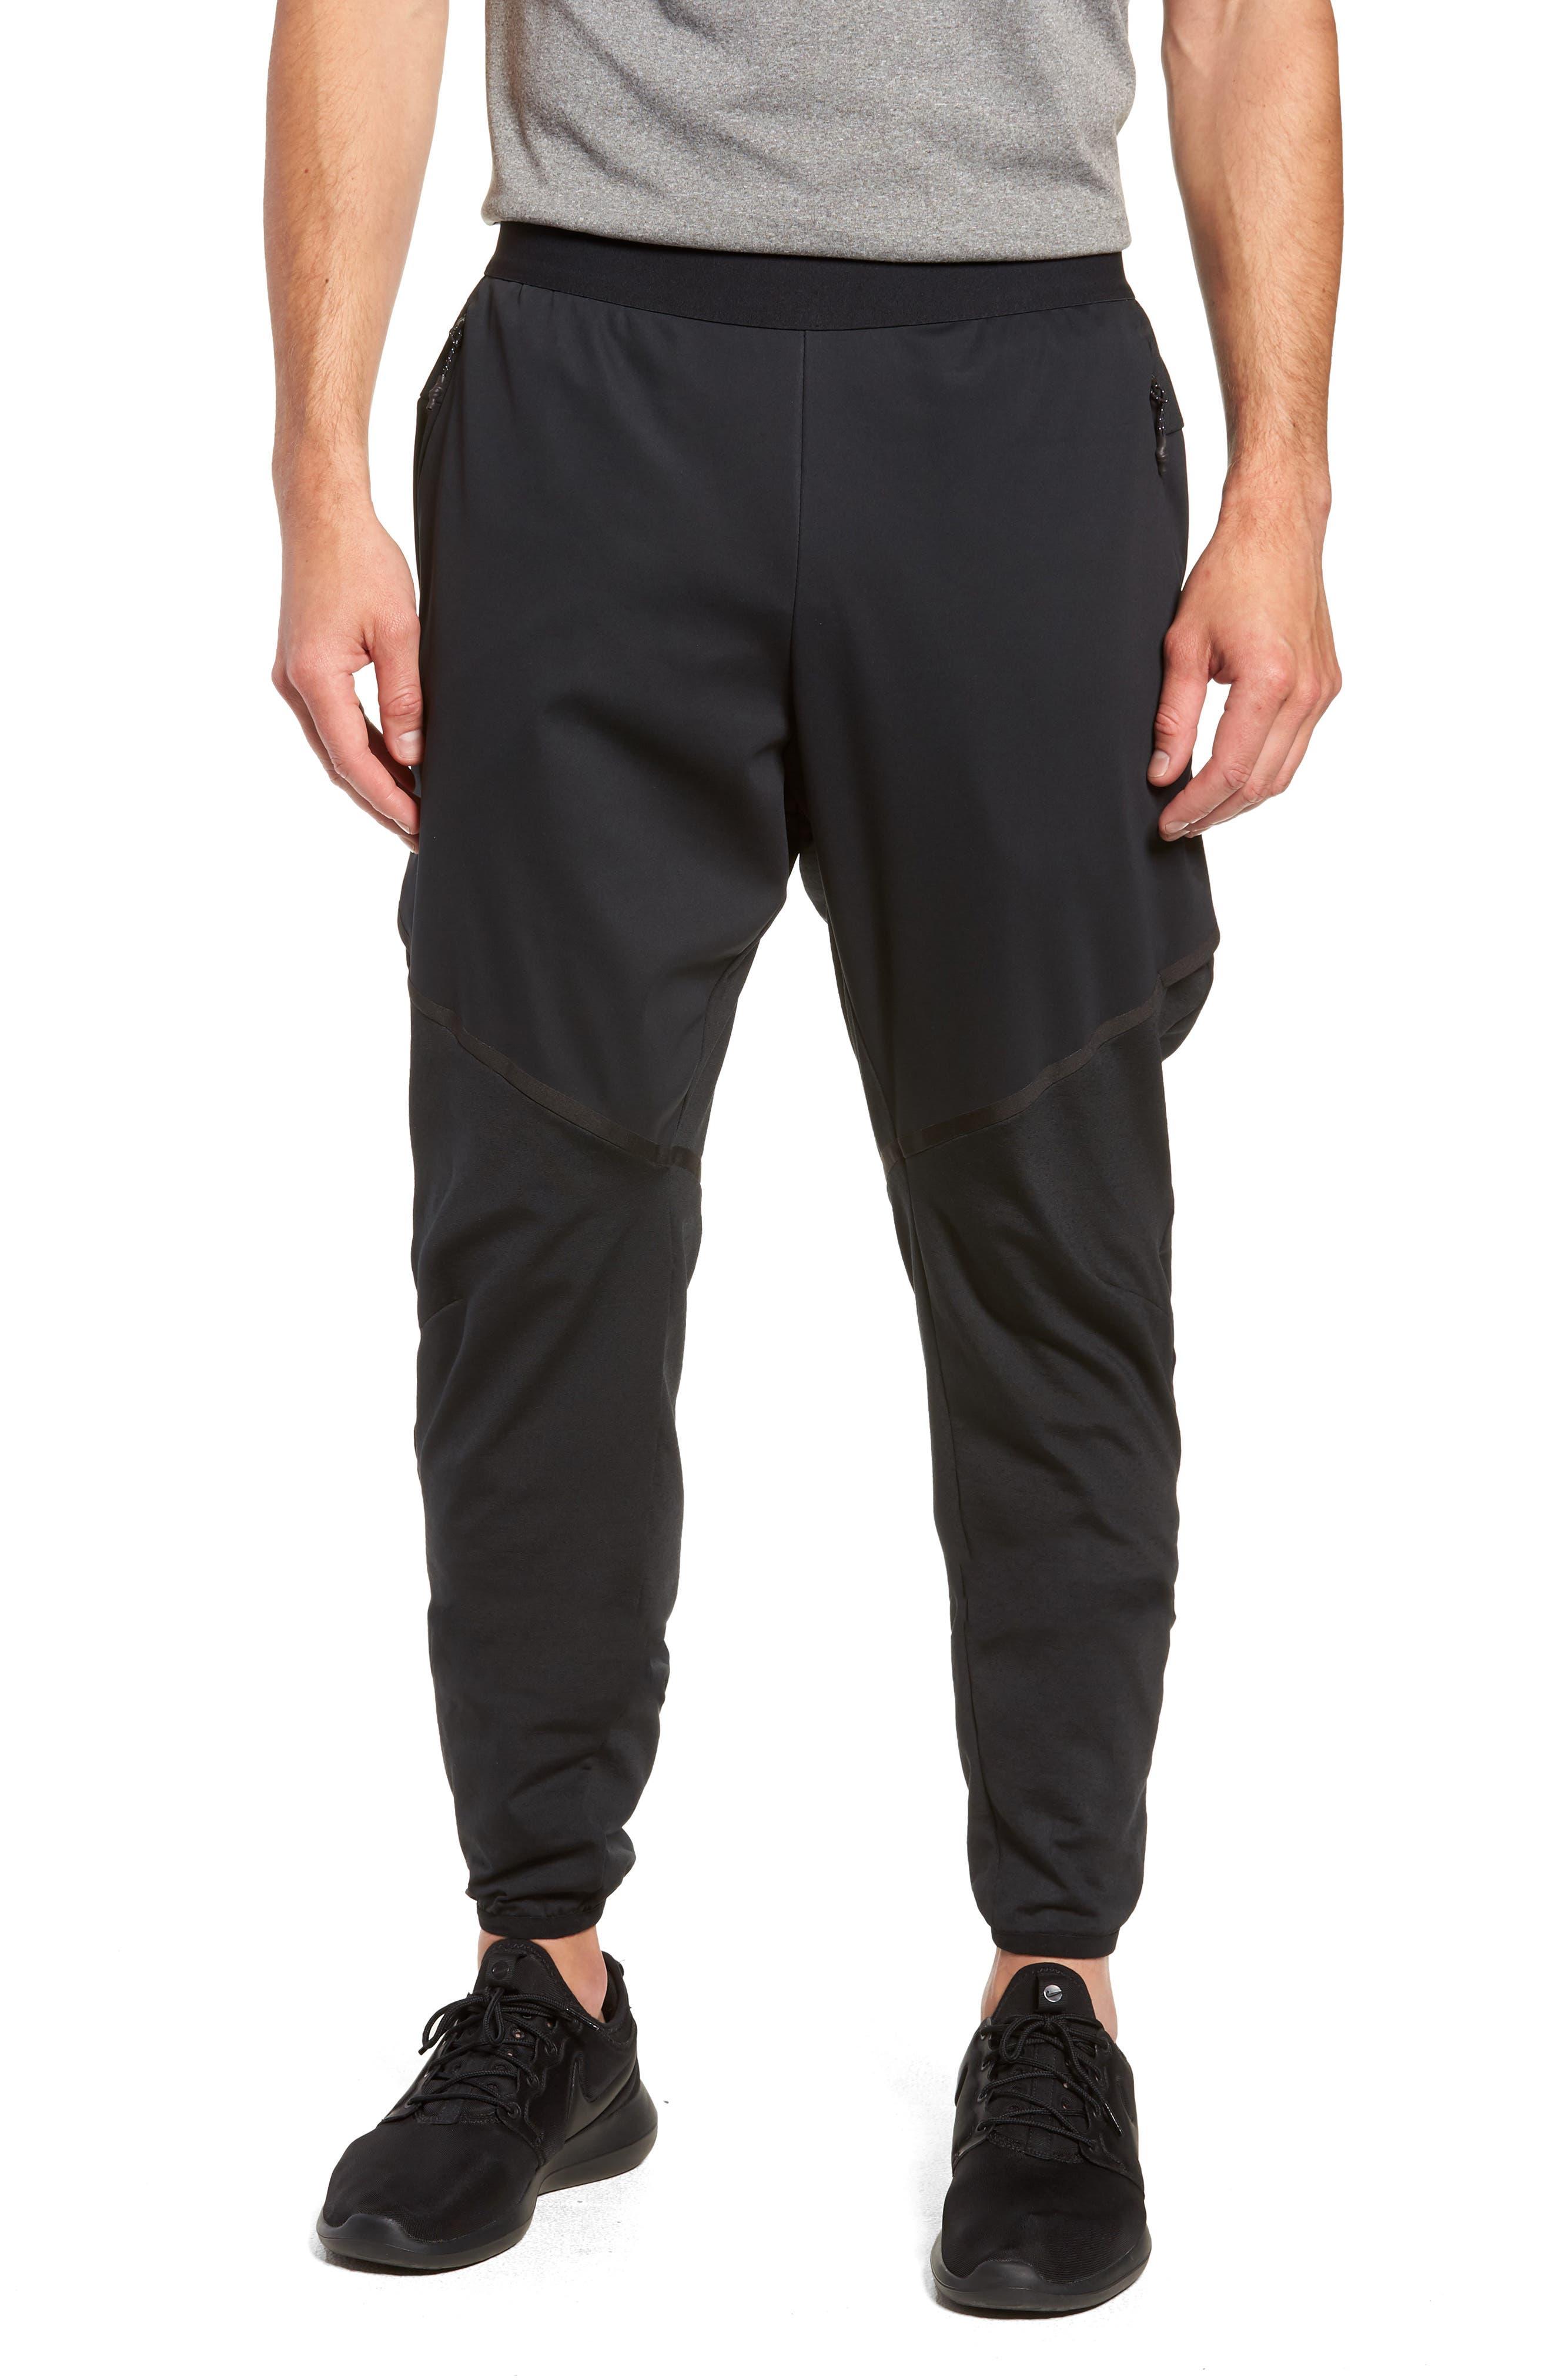 Training Flex Pants,                         Main,                         color, BLACK/ BLACK